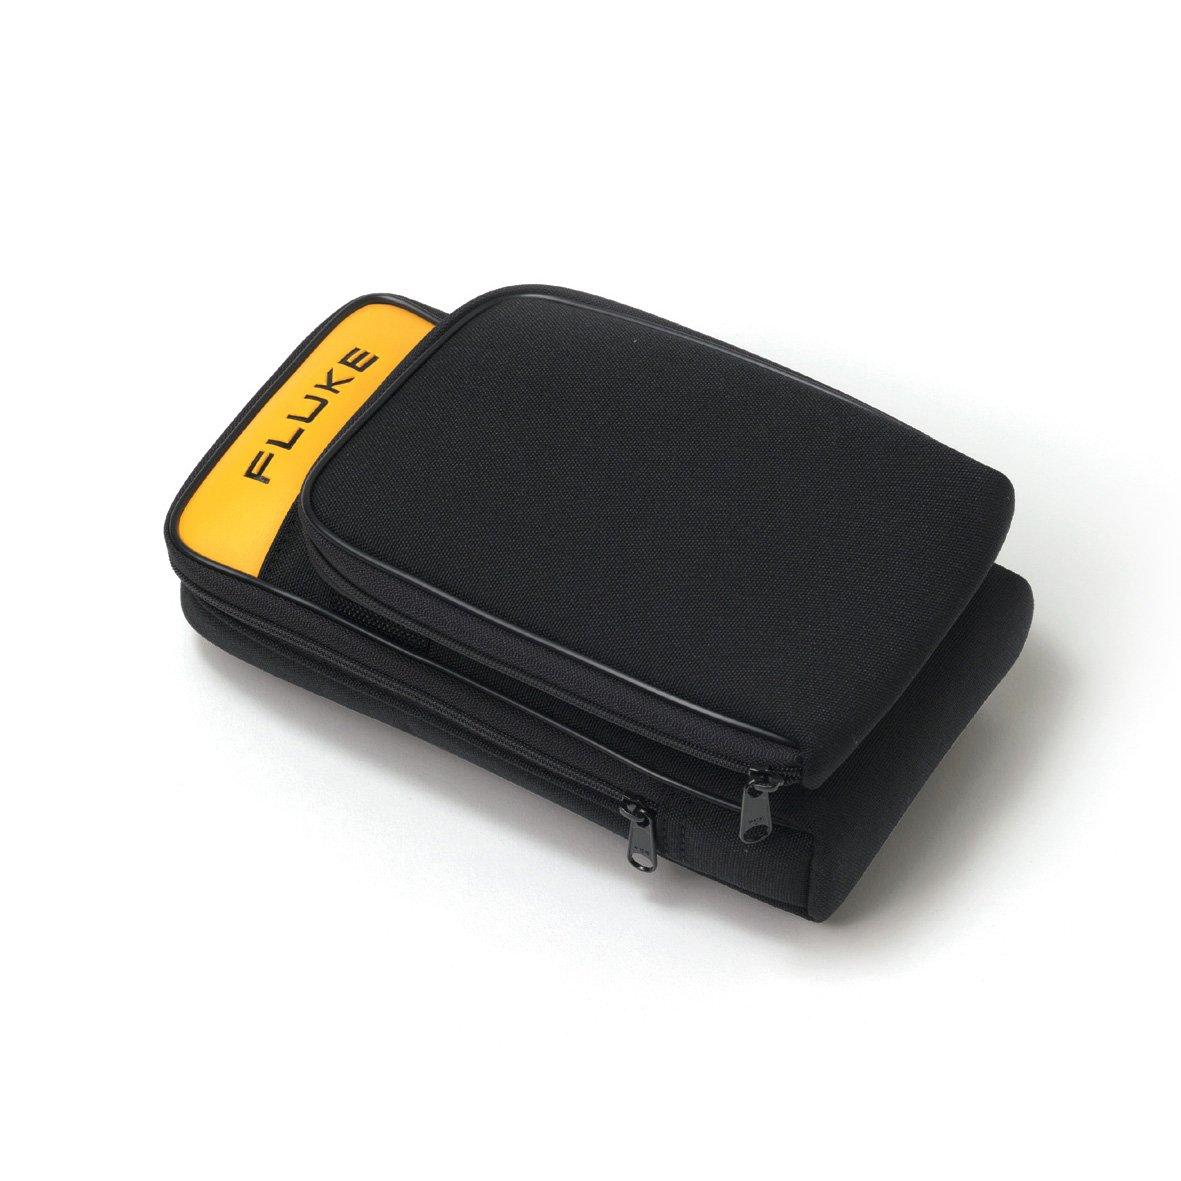 Fluke C125 Carry Case